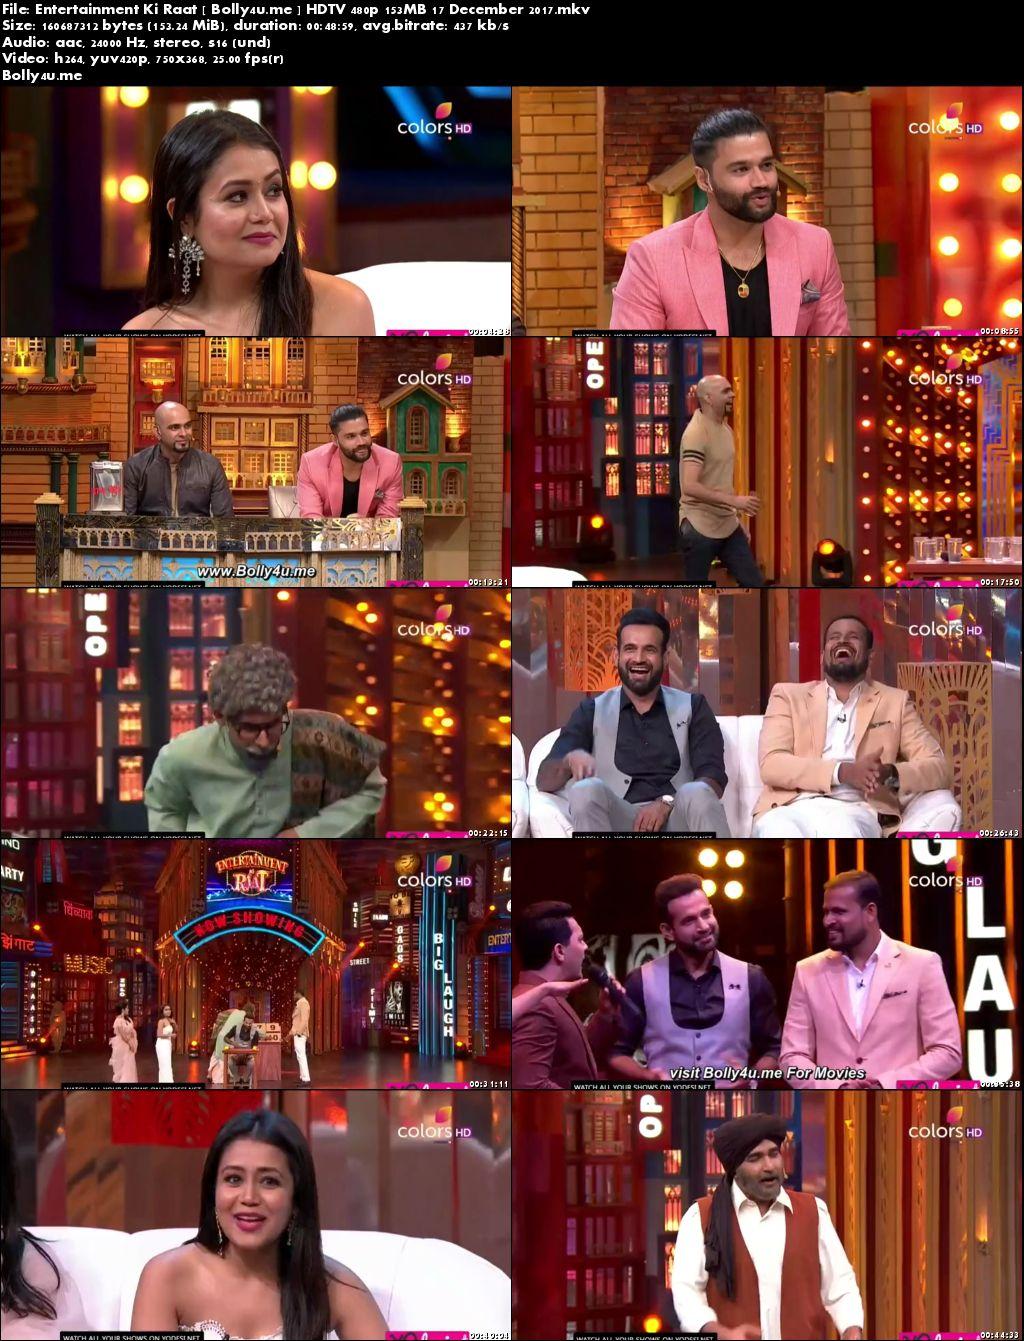 Entertainment Ki Raat HDTV 480p 150MB 17 Dec 2017 Download